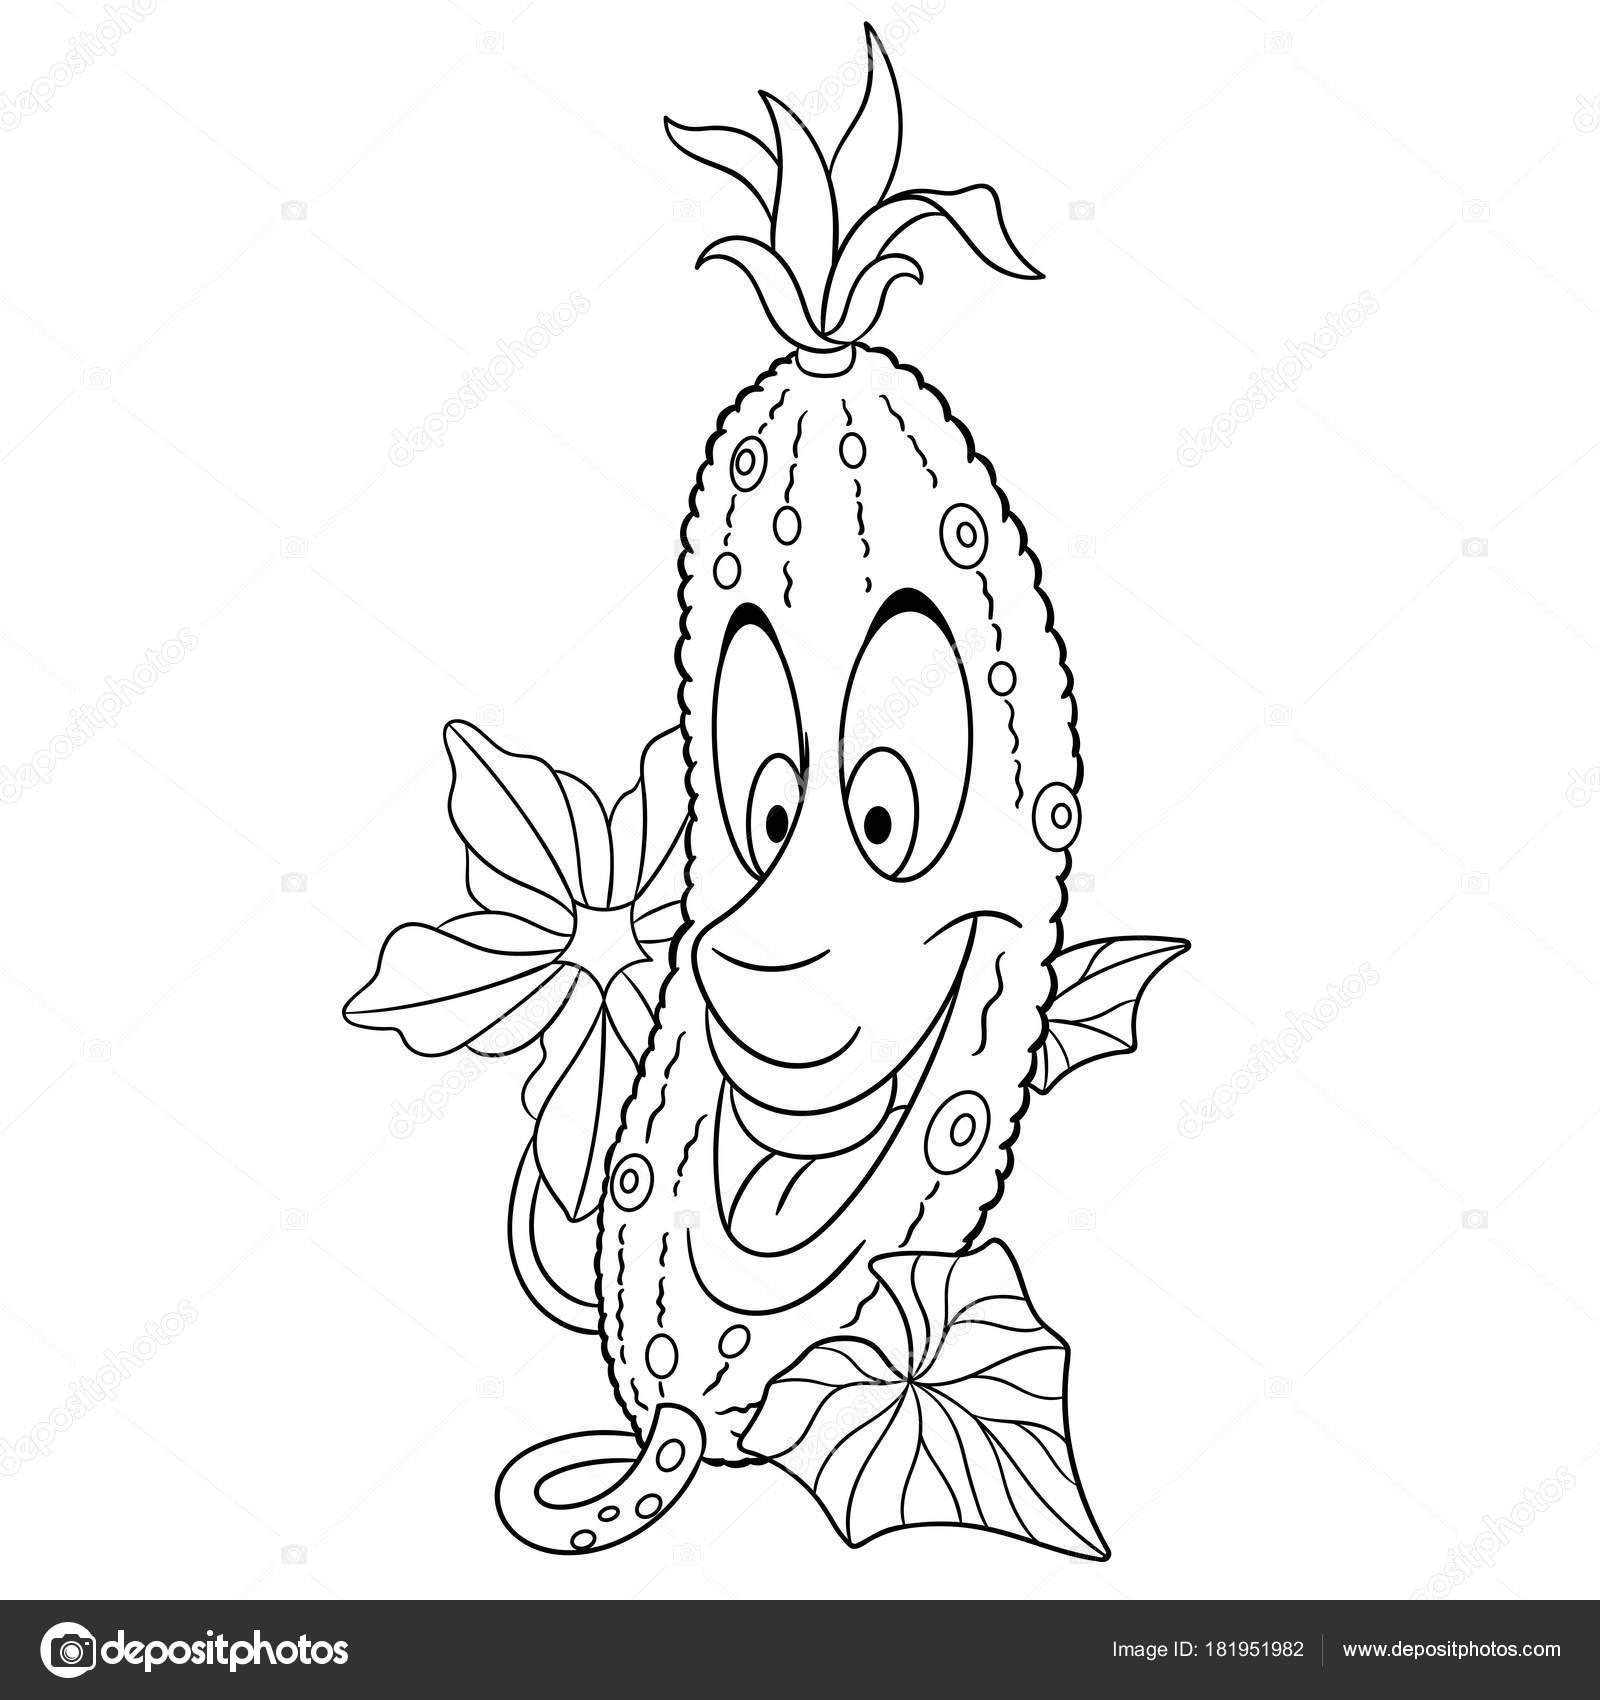 Malvorlagen Cartoon Gurke Fröhlichen Gemüse Charakter Symbol Für Öko ...